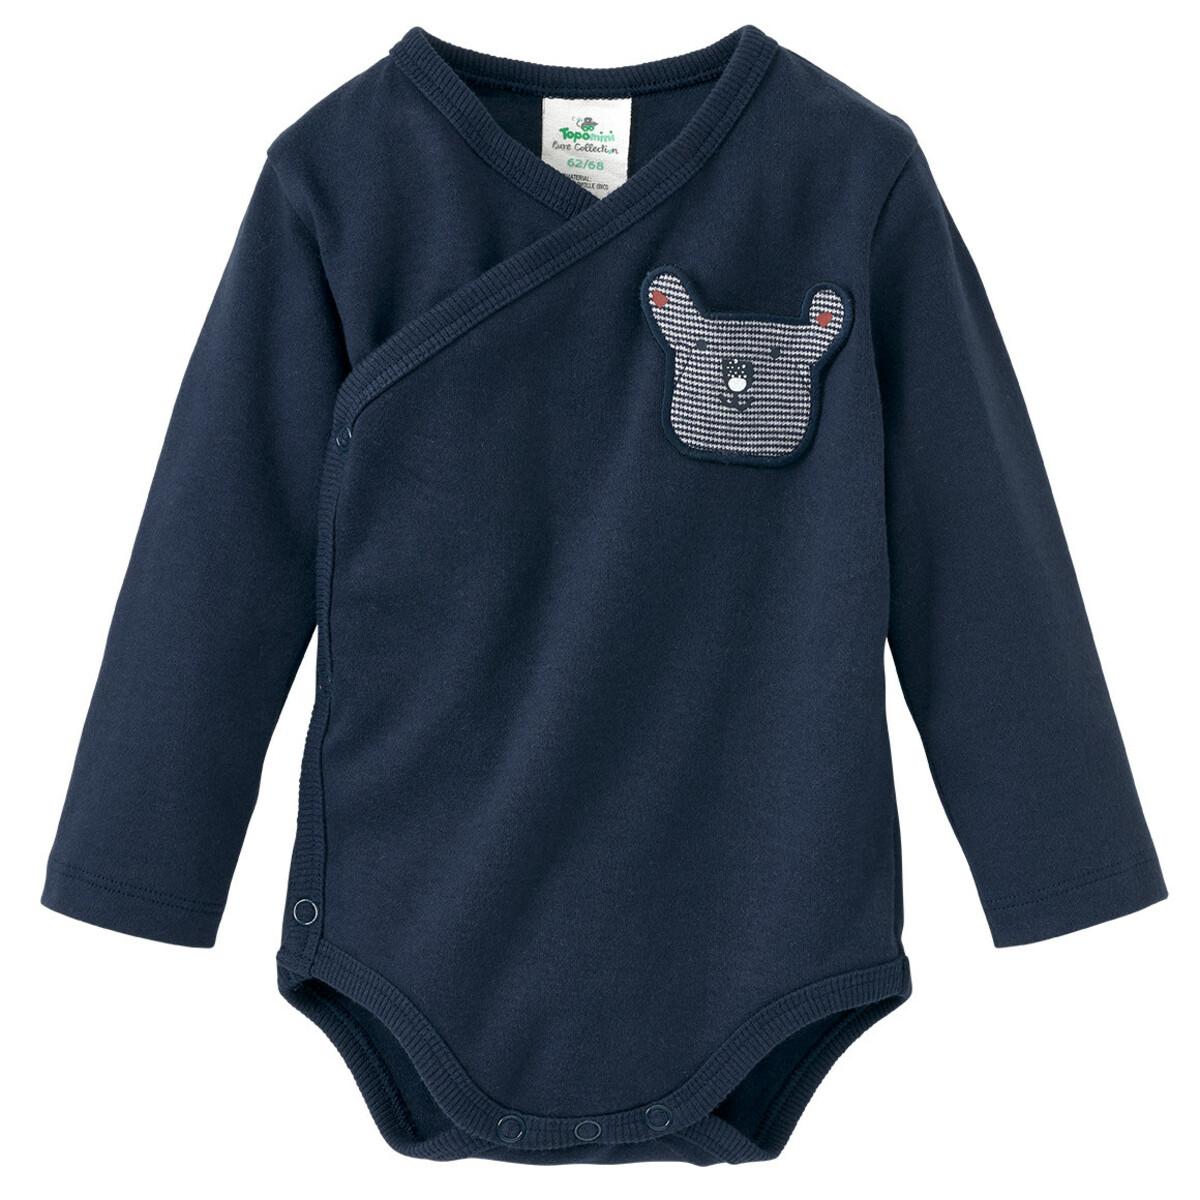 Bild 3 von 2 Newborn Wickelbodys mit Brusttasche